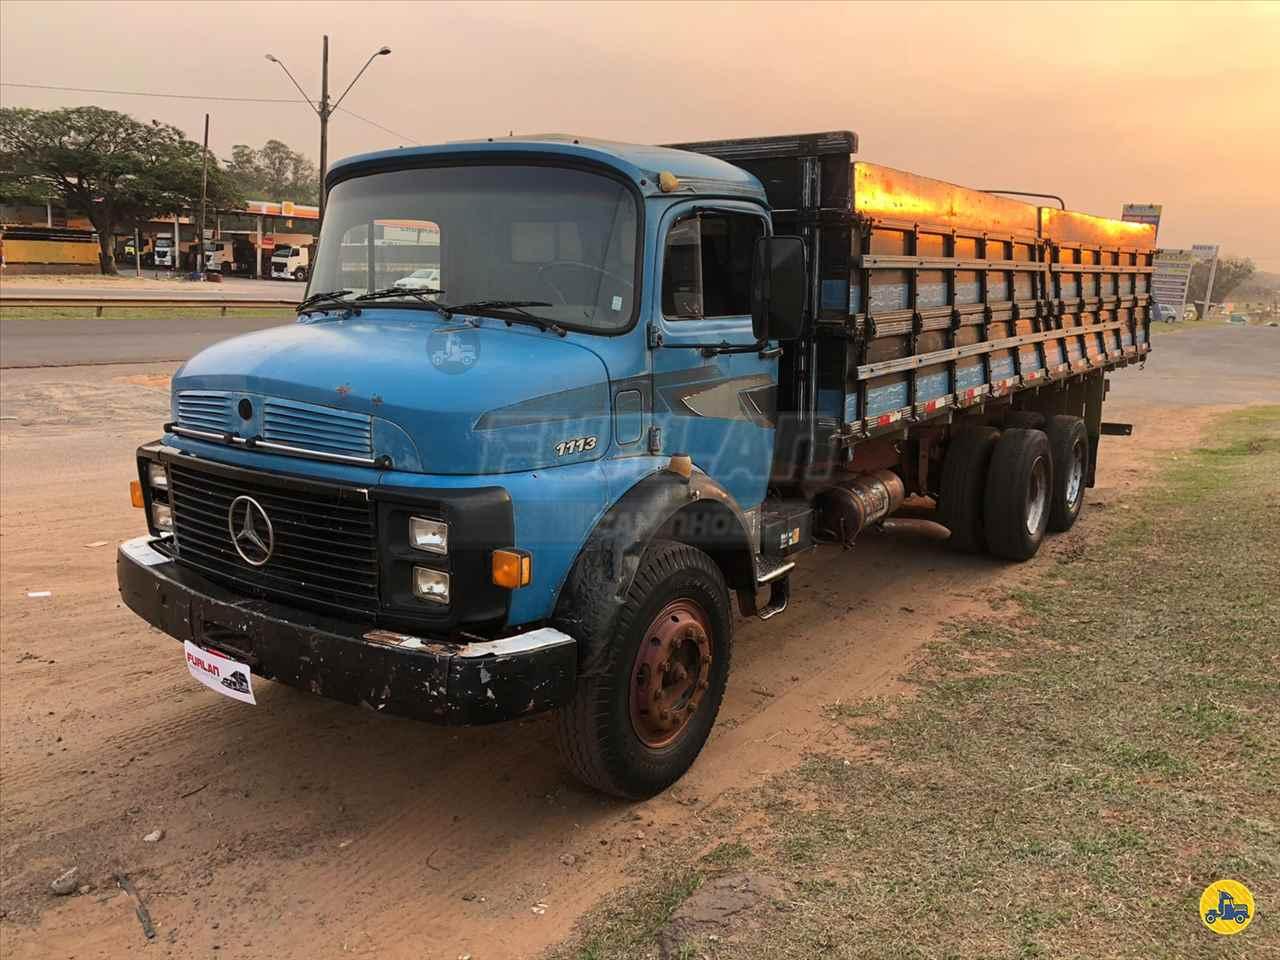 MB 1113 de Furlan Caminhões - UMUARAMA/PR